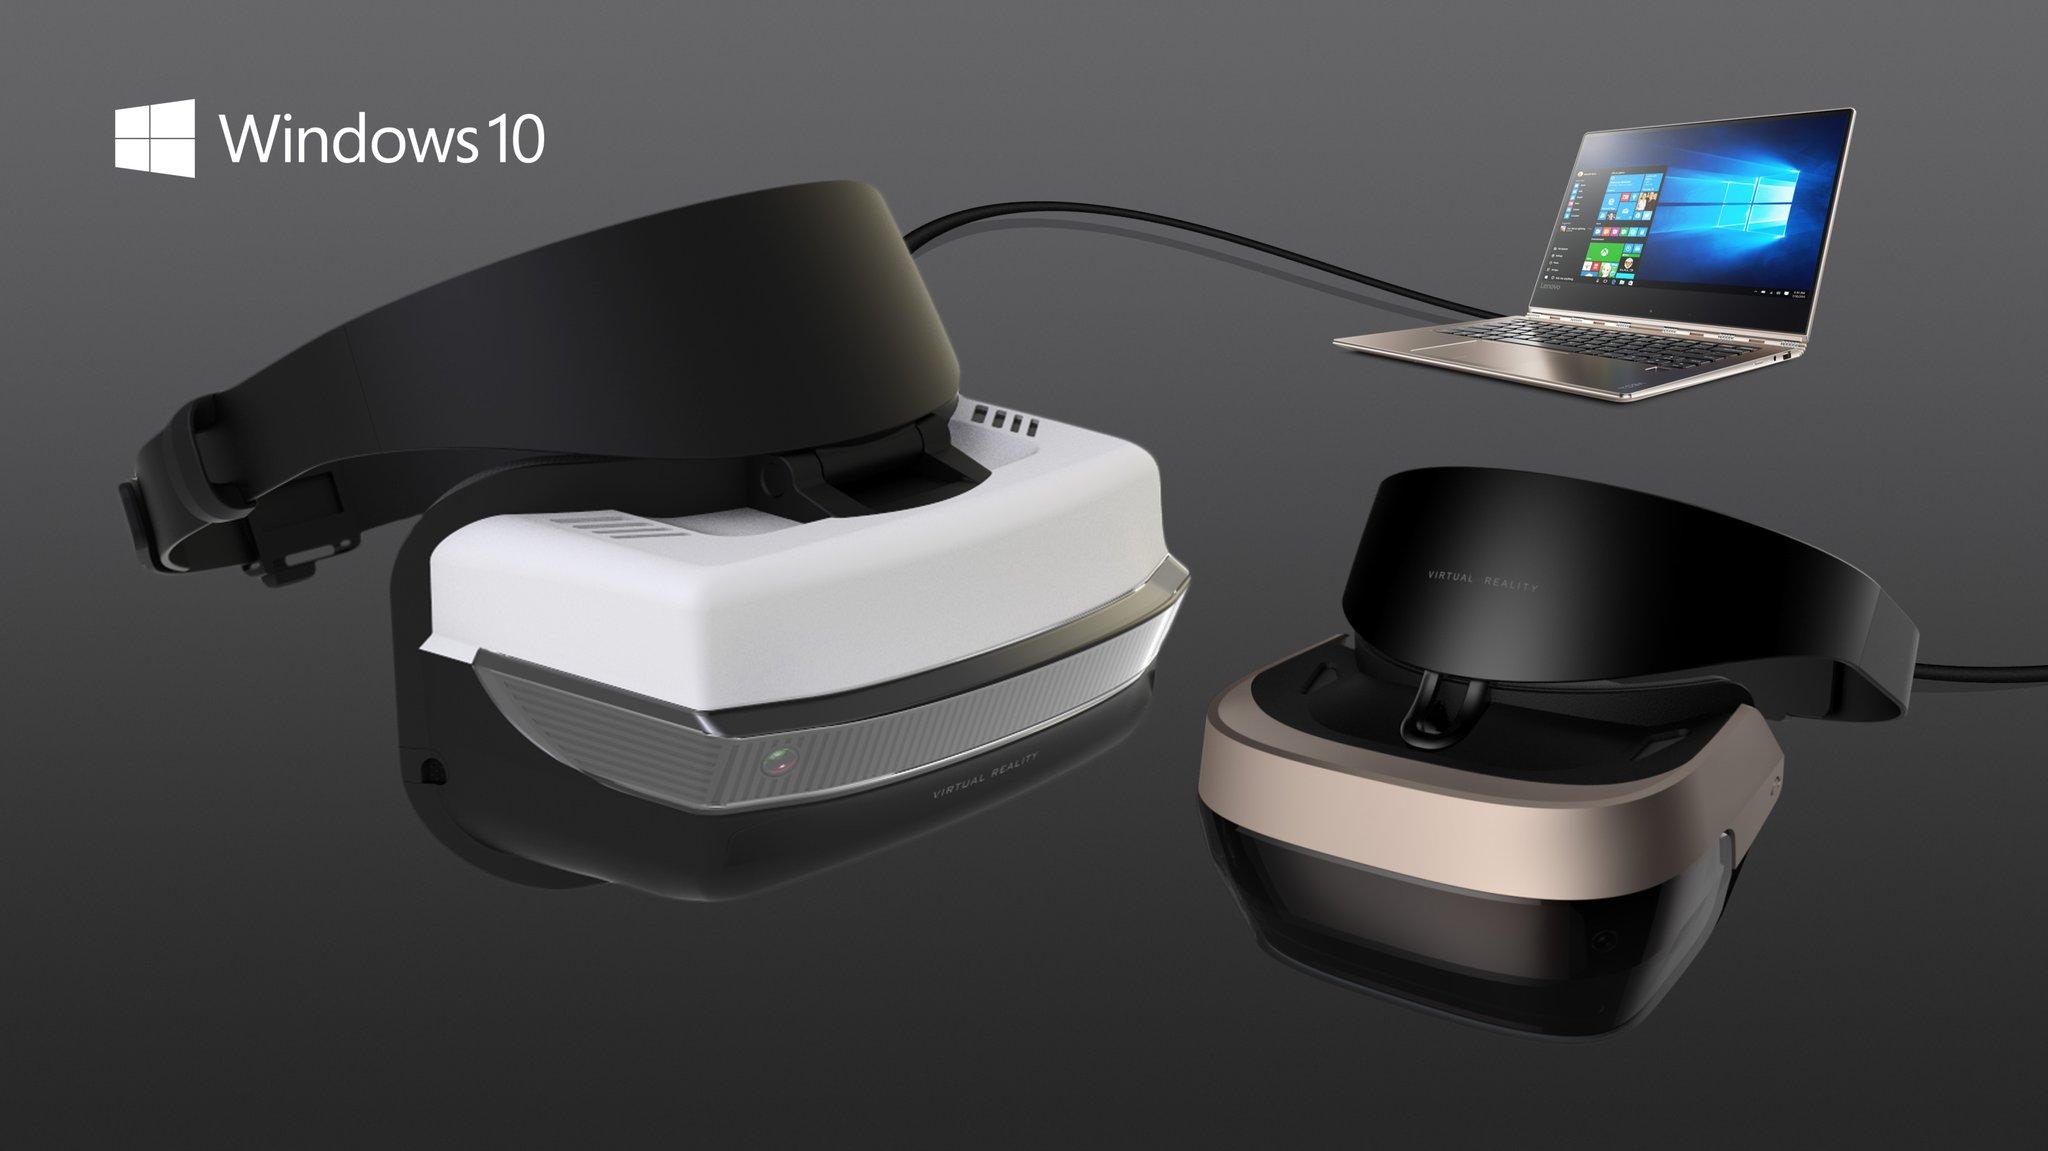 Windows 10 VR sorprende con sus requisitos